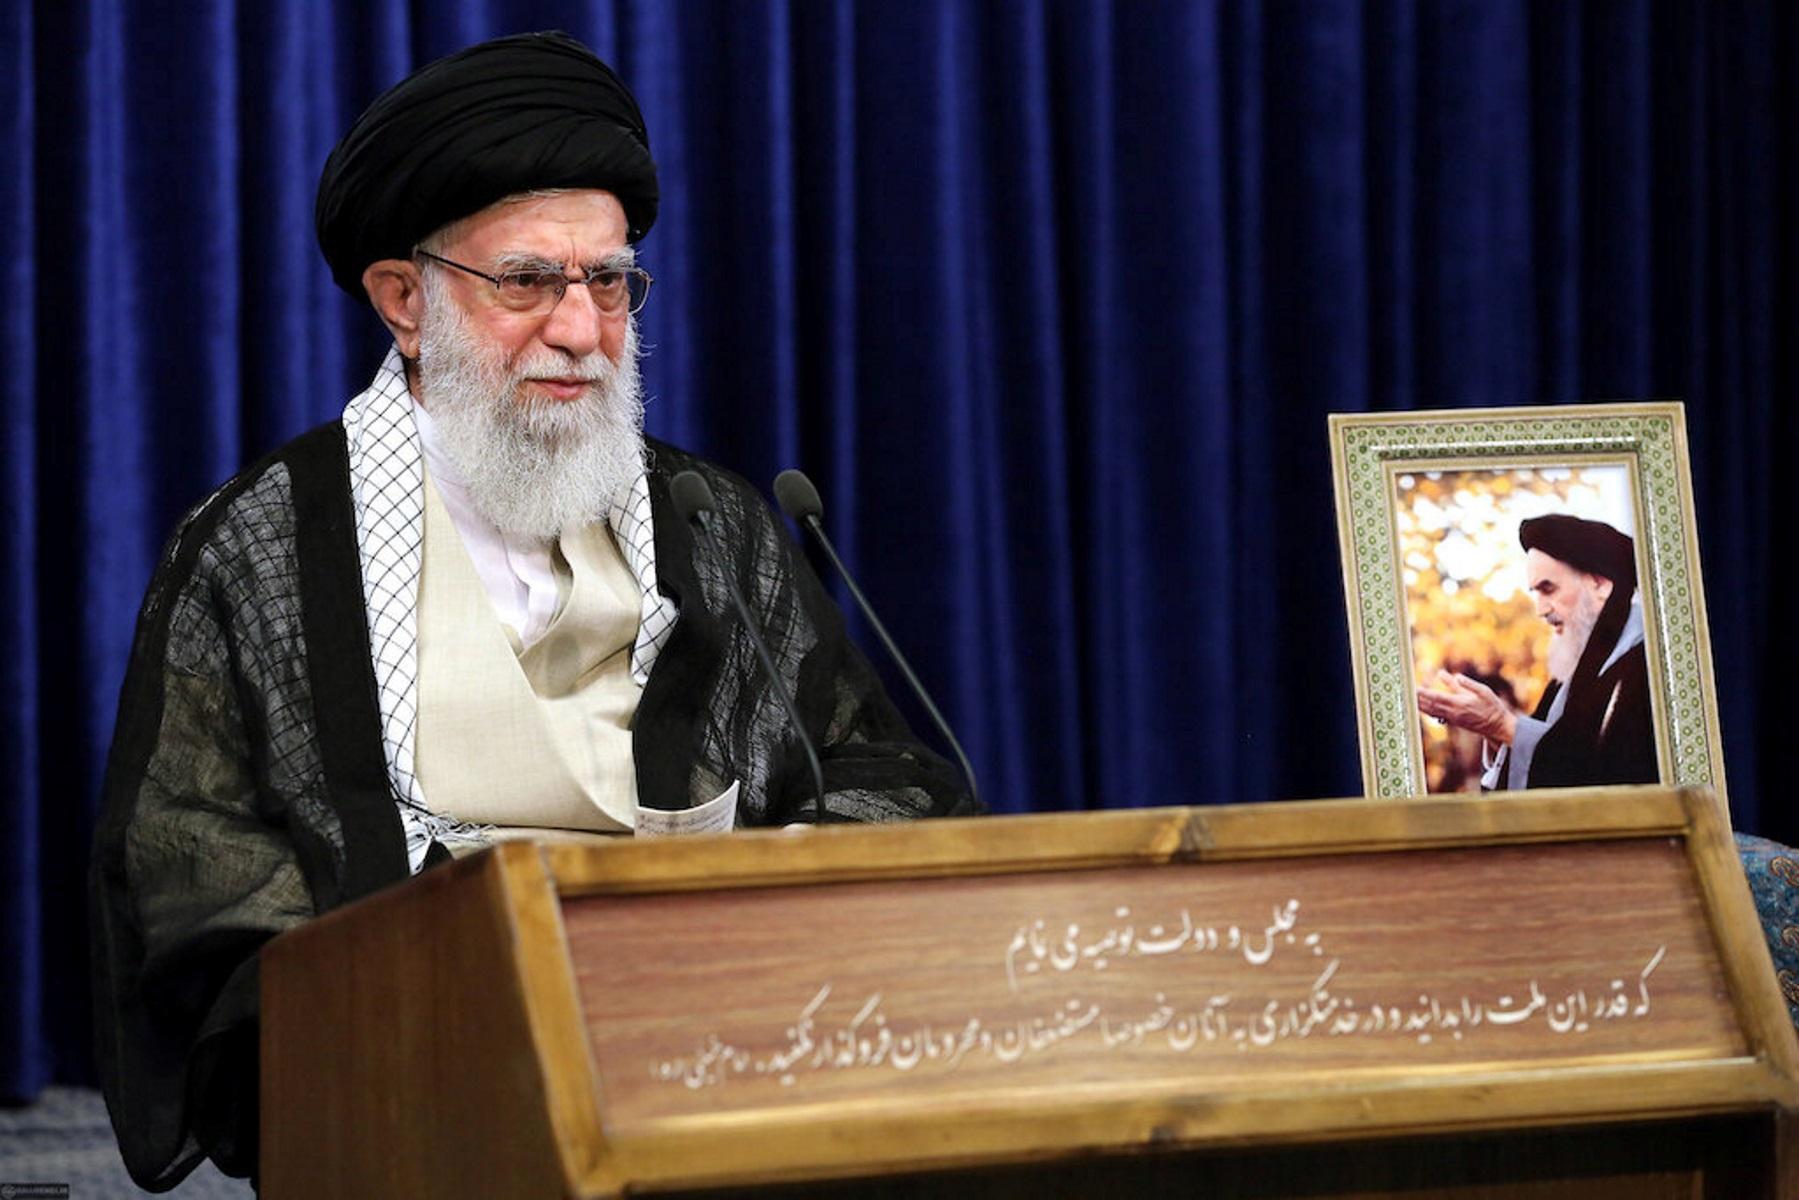 Ιράν: Ηχηρό «άδειασμα» του ΥΠΕΞ Ζαρίφ από τον ανώτατο θρησκευτικό ηγέτη Χαμενεΐ